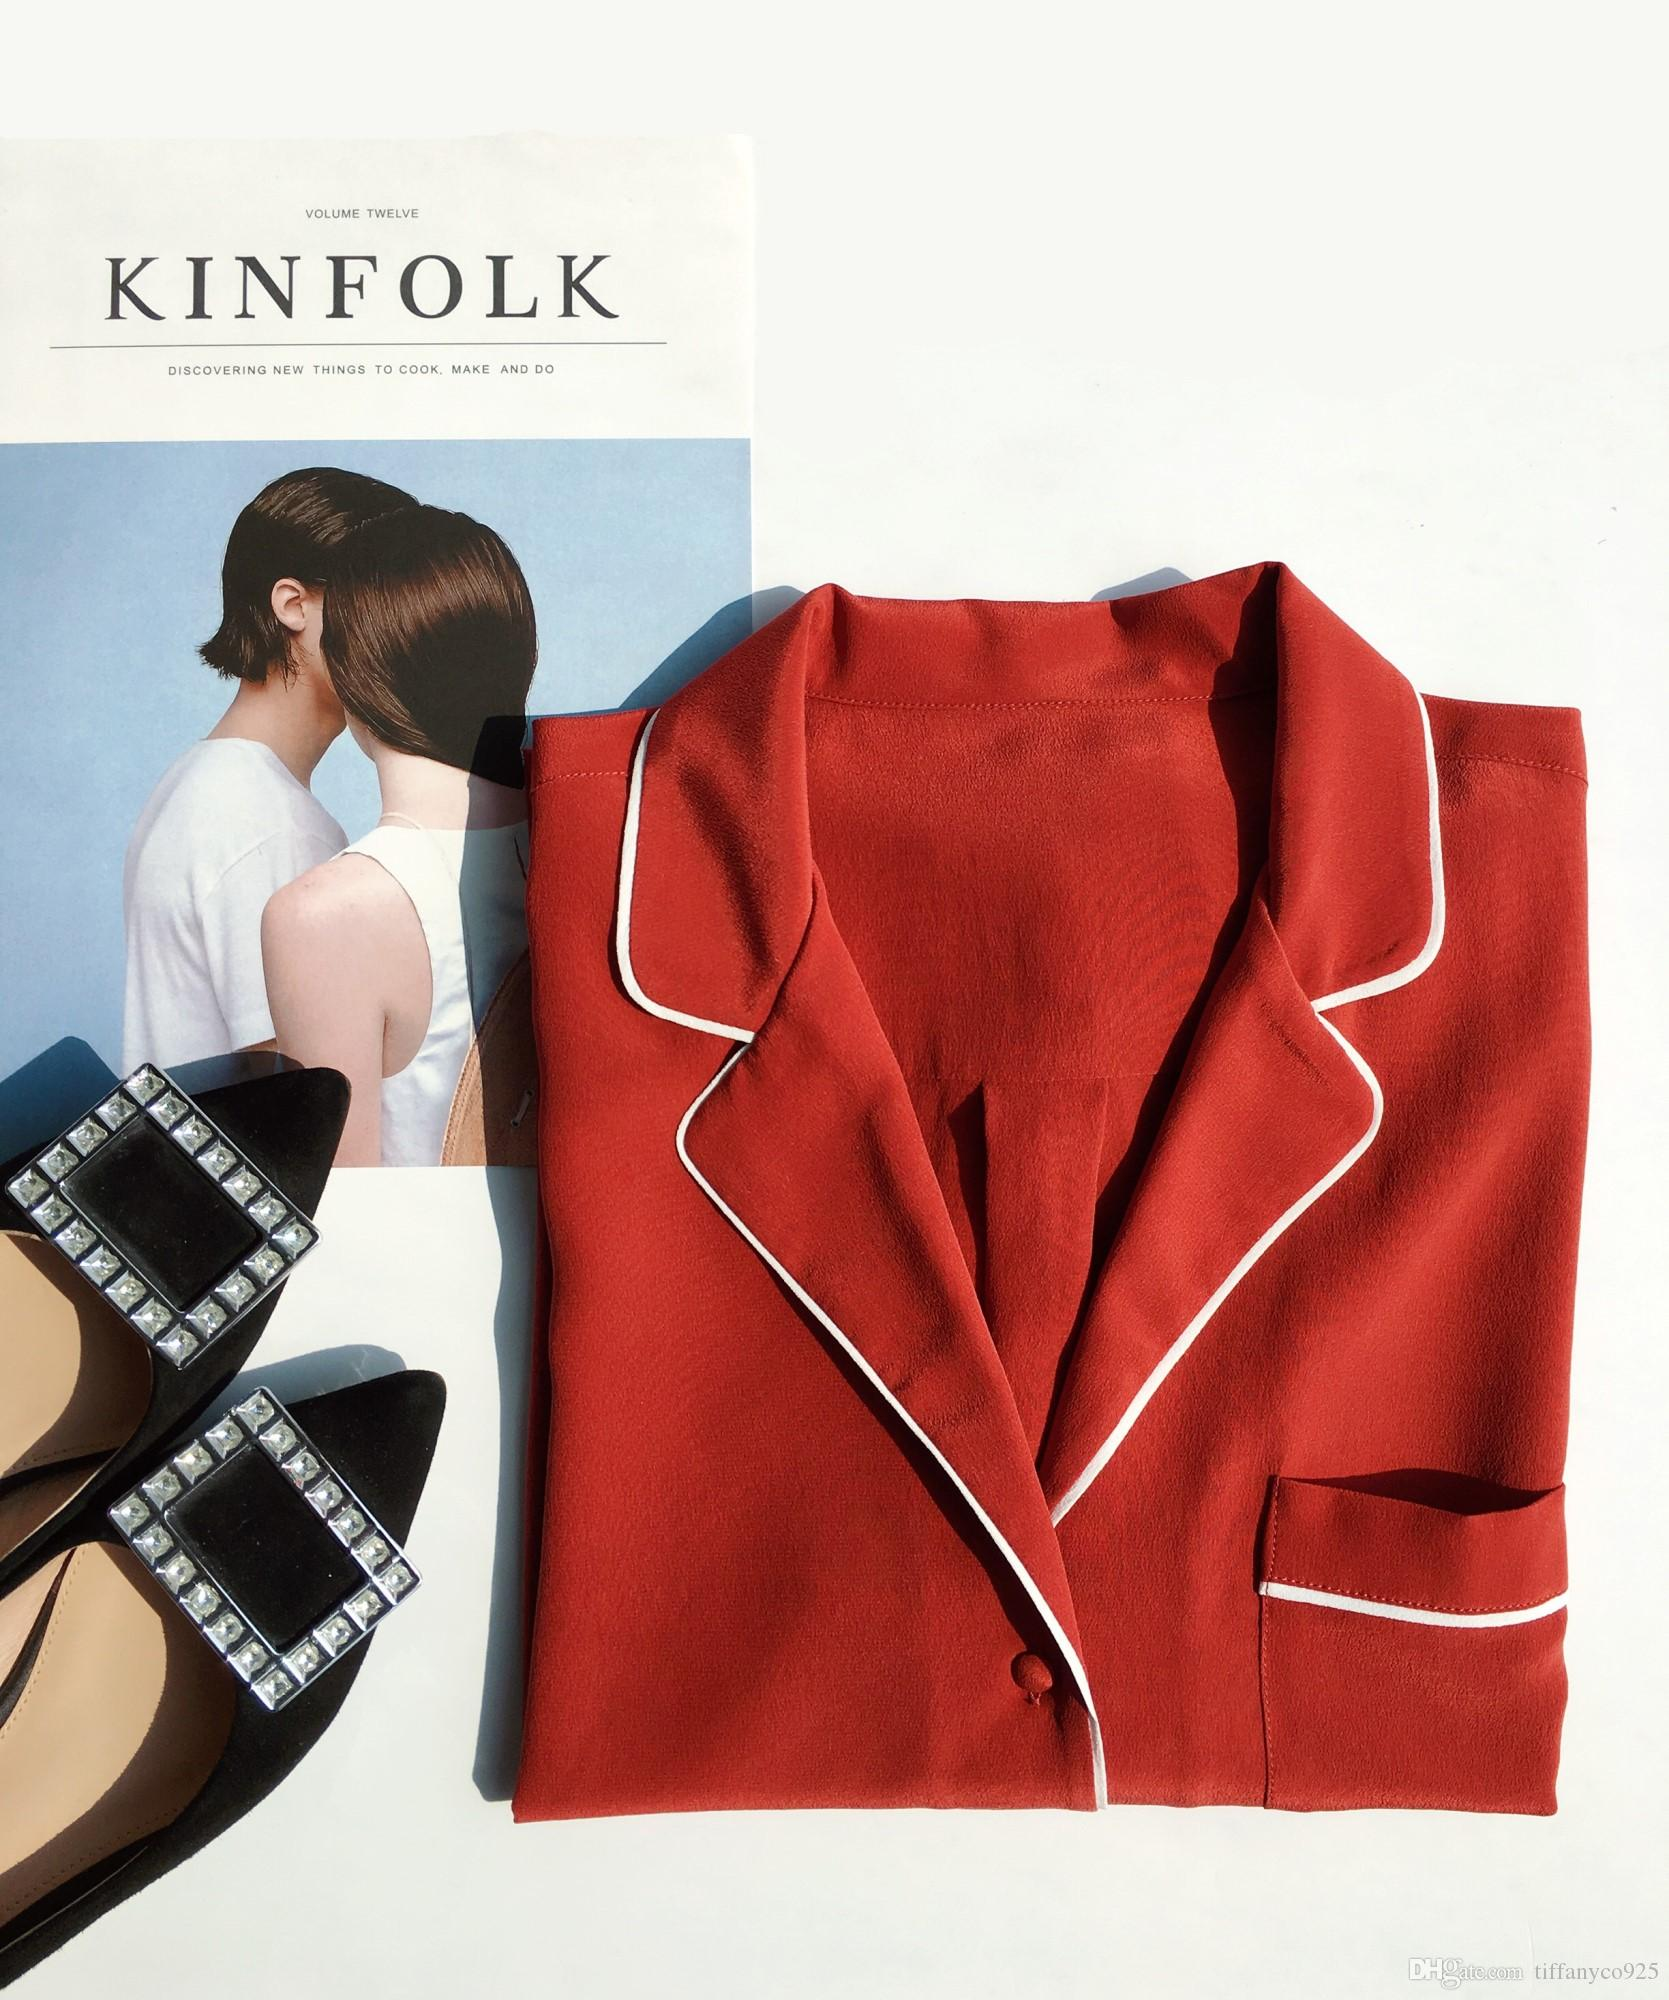 Эксклюзивный эквалайзер 100% реальный шелк дамы чистый цвет красный с длинным рукавом женщины рубашка блузка весна лето